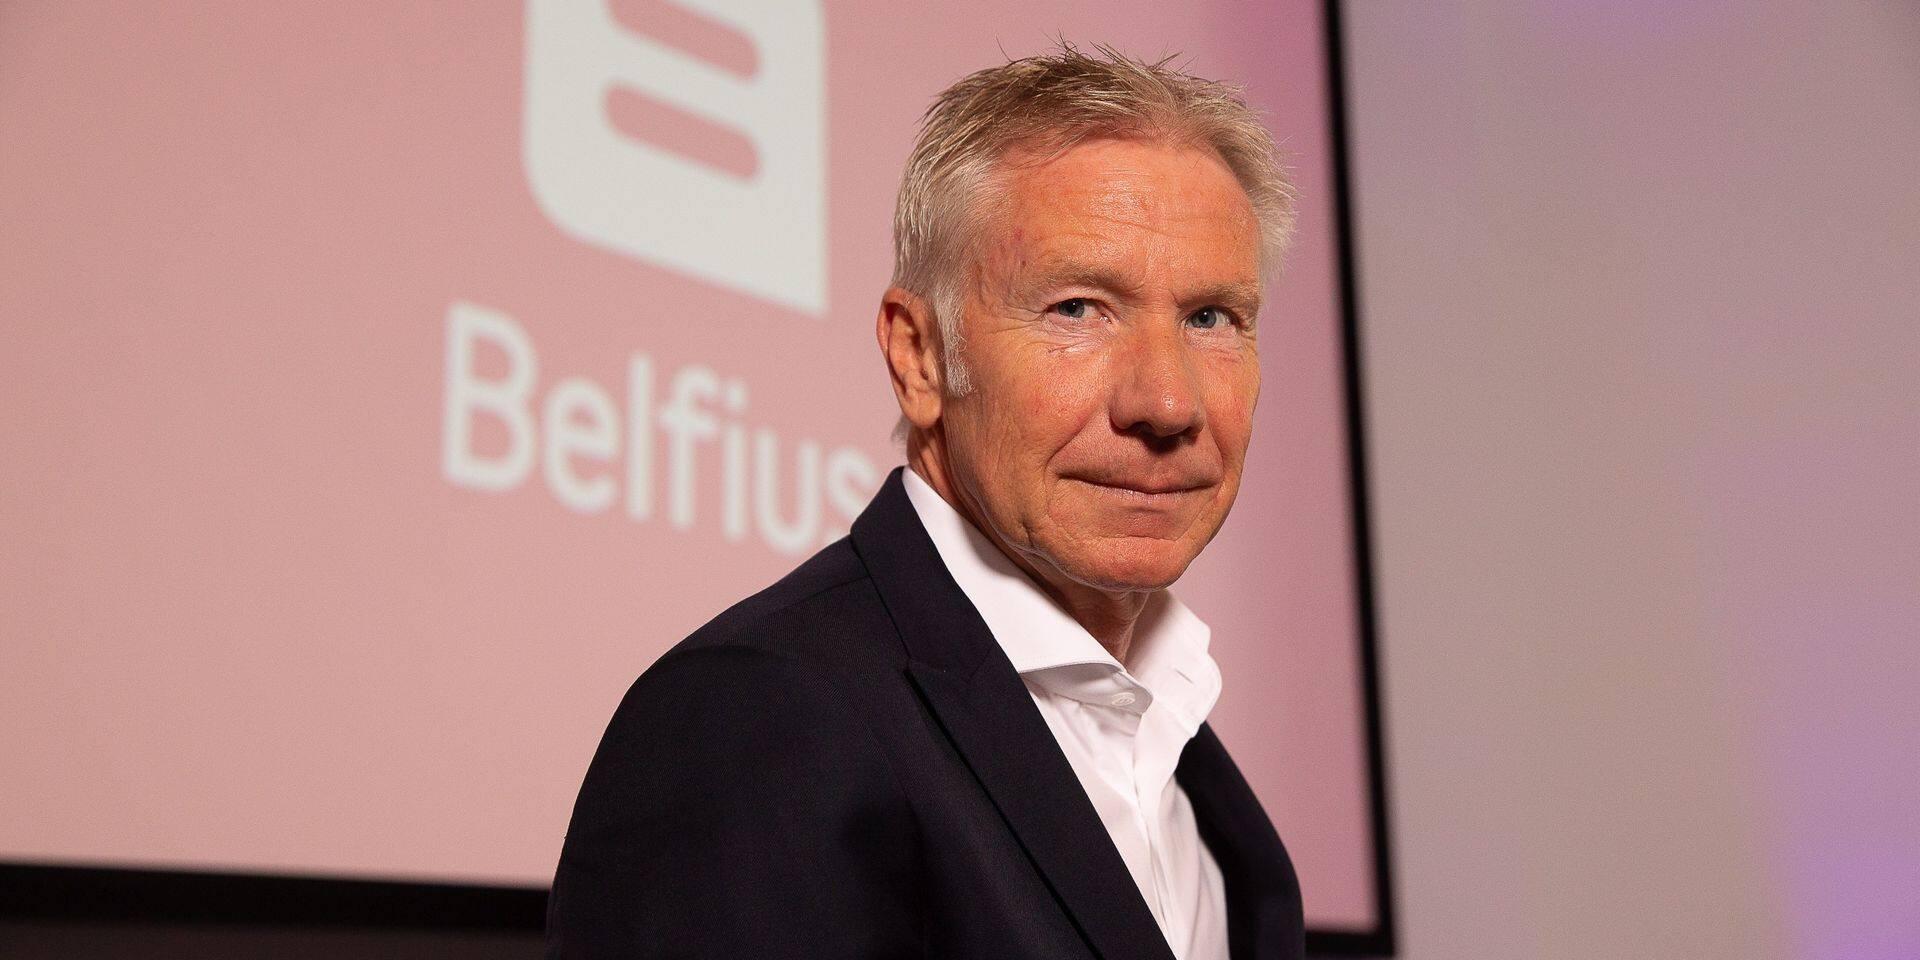 Marc Raisière, président du comité de direction (CEO) de Belfius Banque & Assurances.